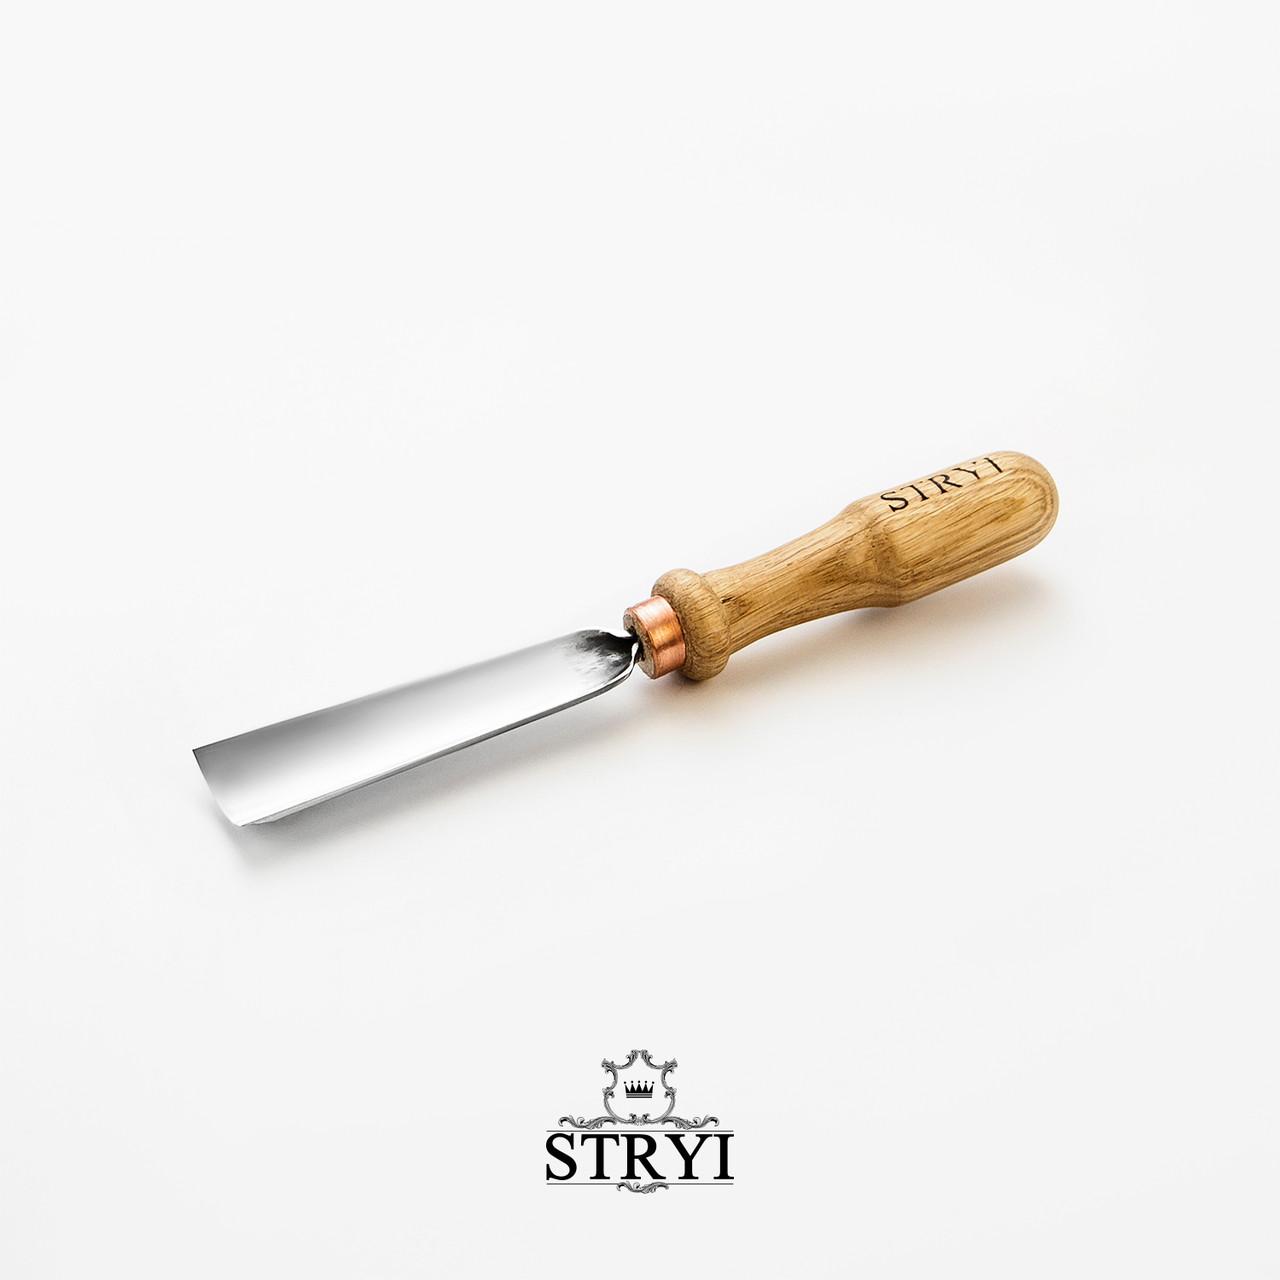 Стамеска отлогая 30мм №7 для резьбы по дереву от производителя STRYI